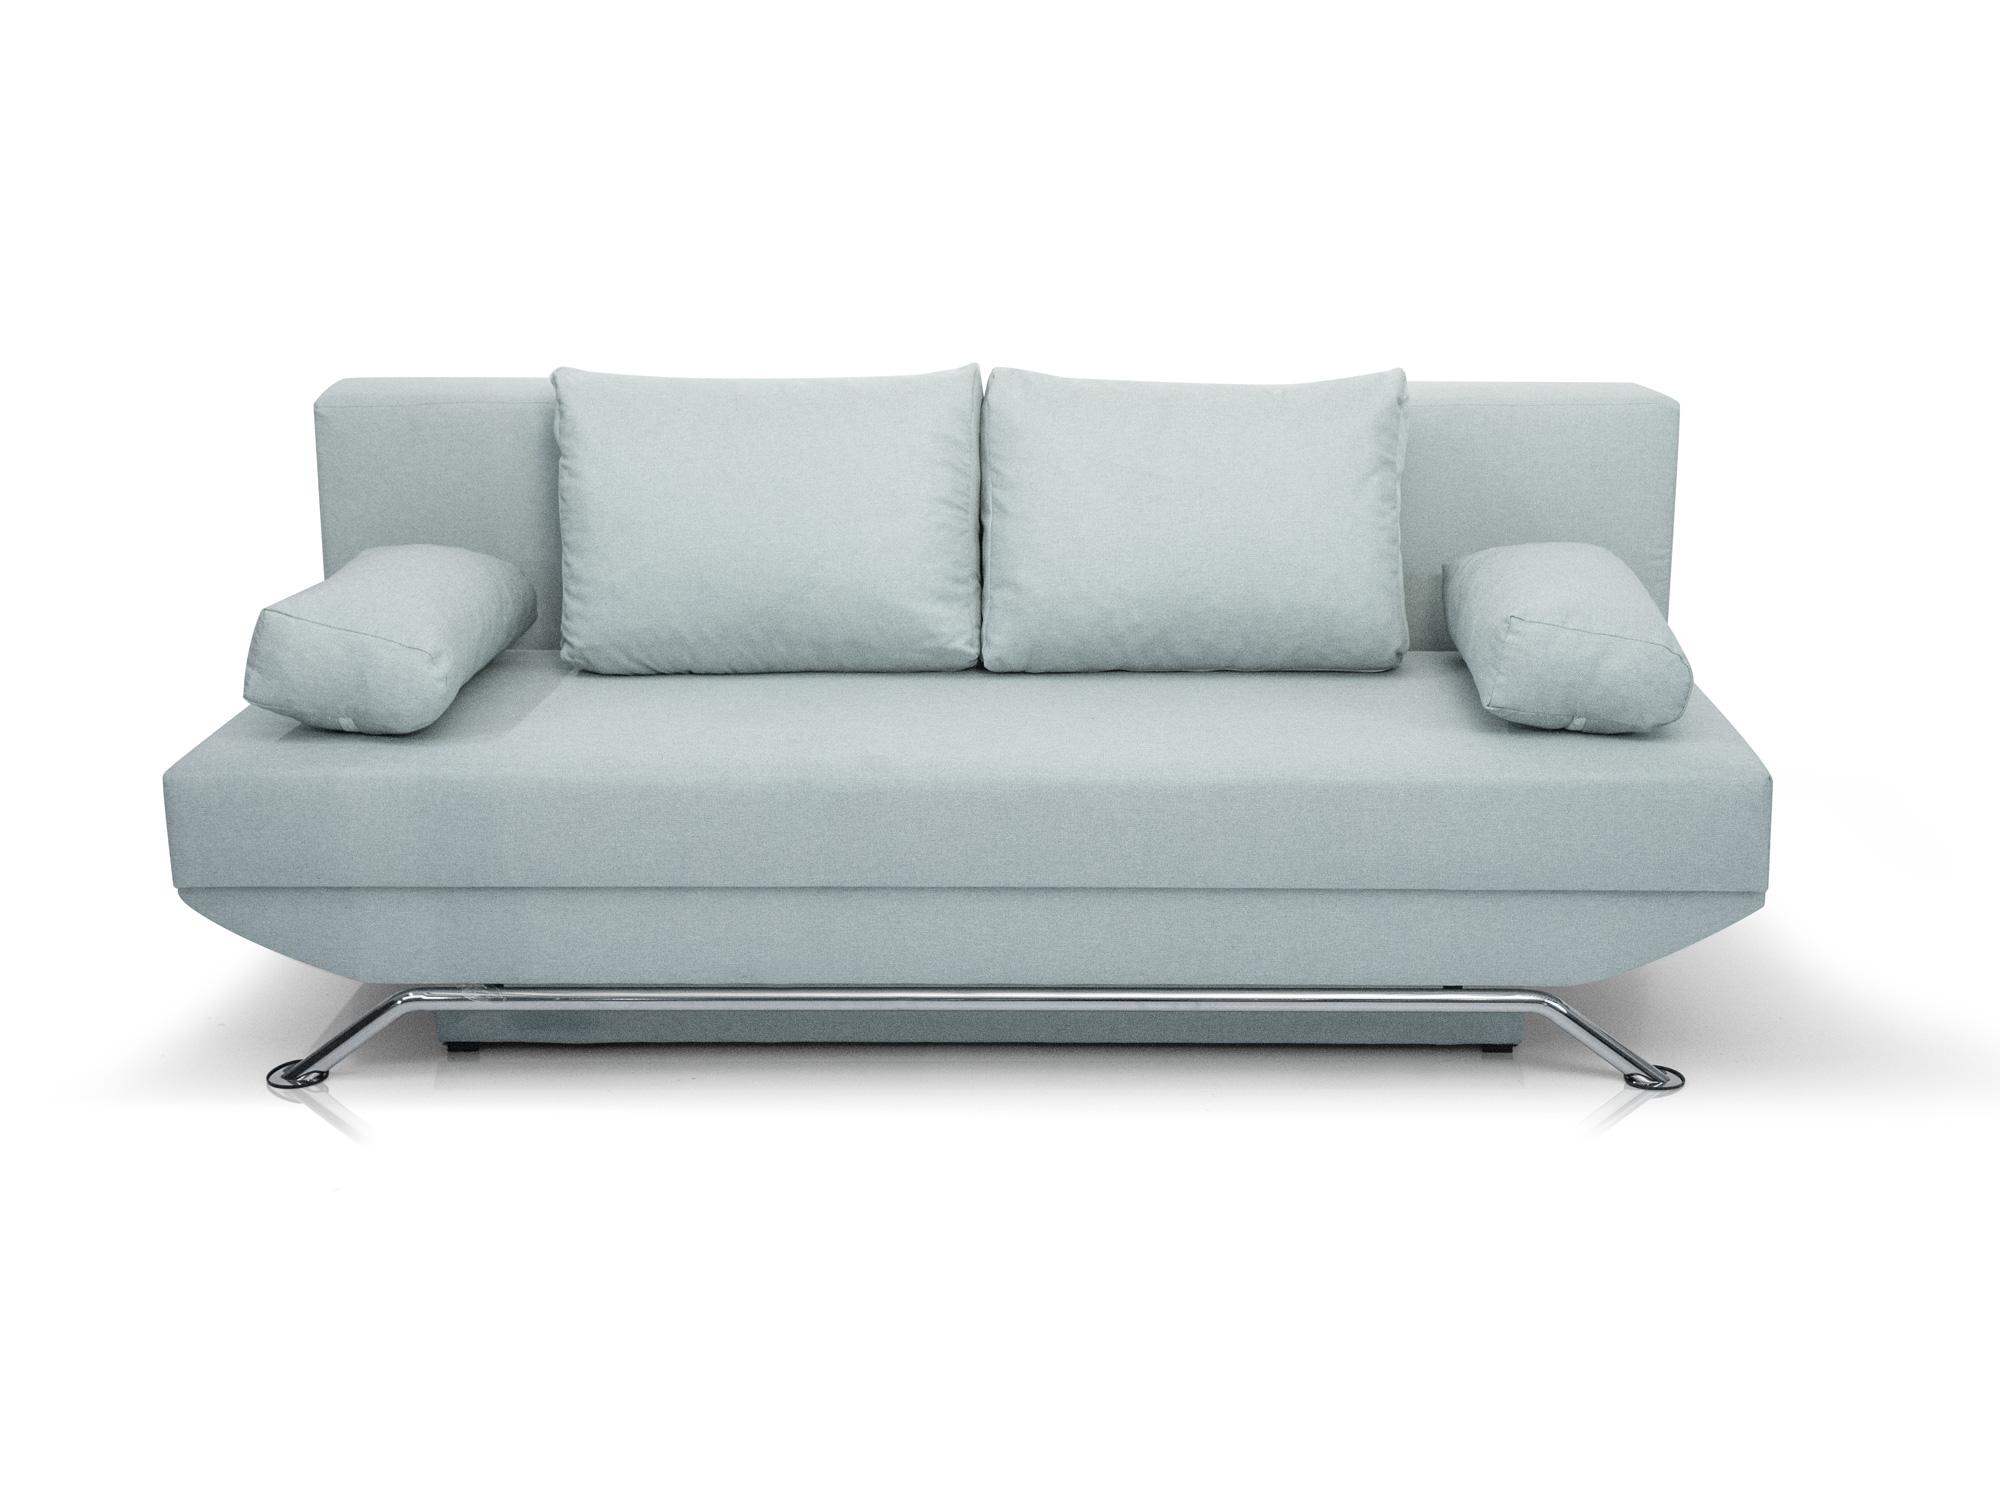 savera schlafsofa mit bettkasten und stoffbezug mint. Black Bedroom Furniture Sets. Home Design Ideas